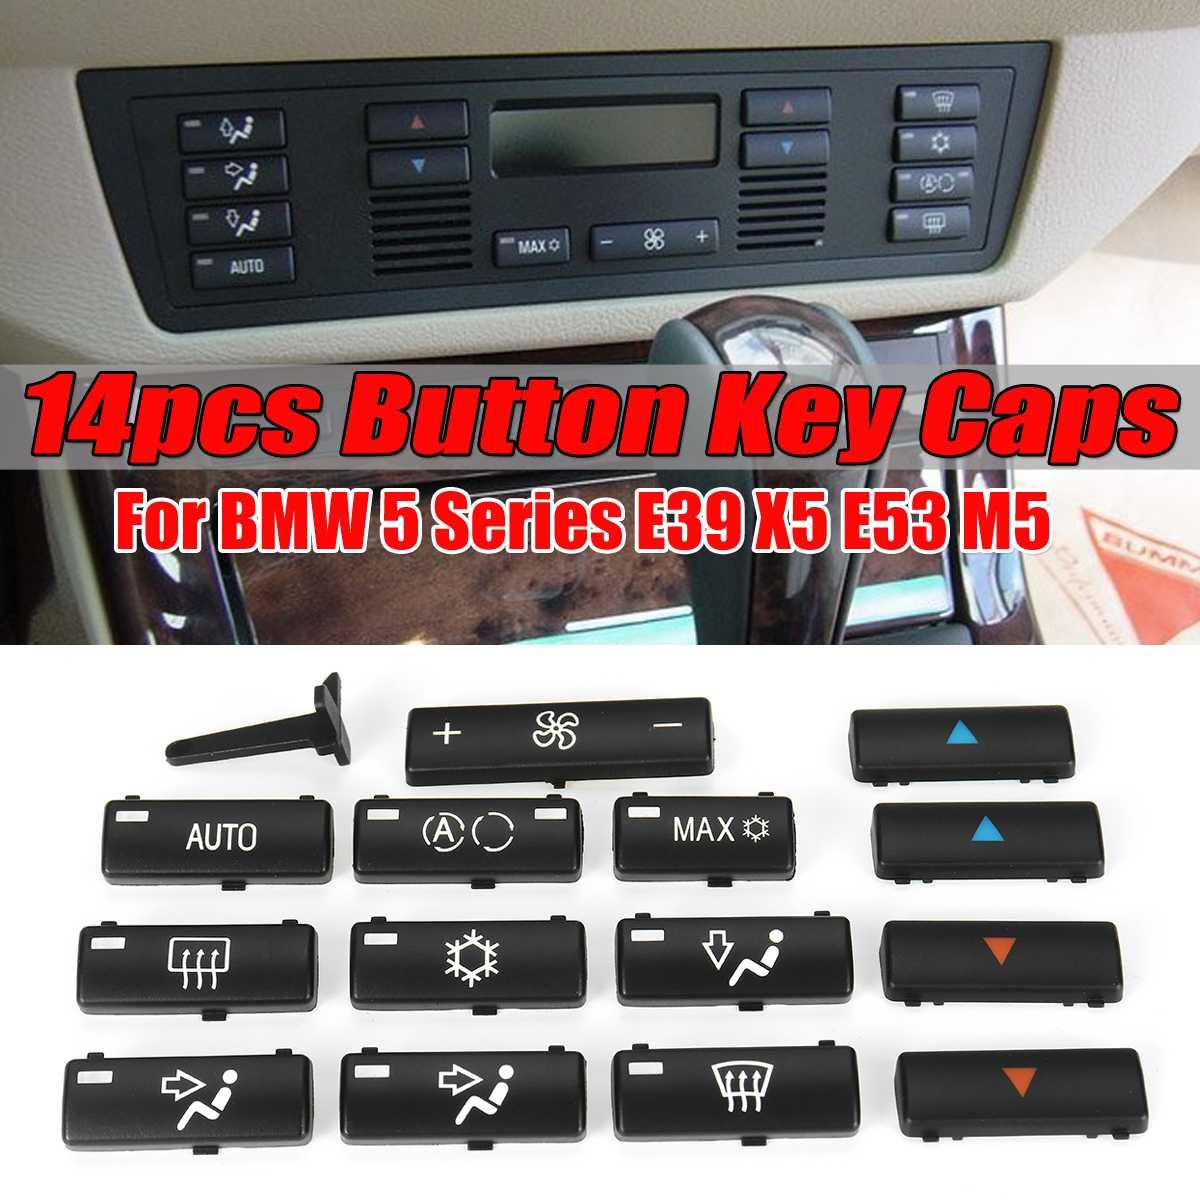 14 Button Key Caps Vervanging Klimaat EEN/C Control Bedieningspaneel Schakelaar Knoppen Cover Caps Voor BMW E39 E53 525i 530i 540i M5 X5